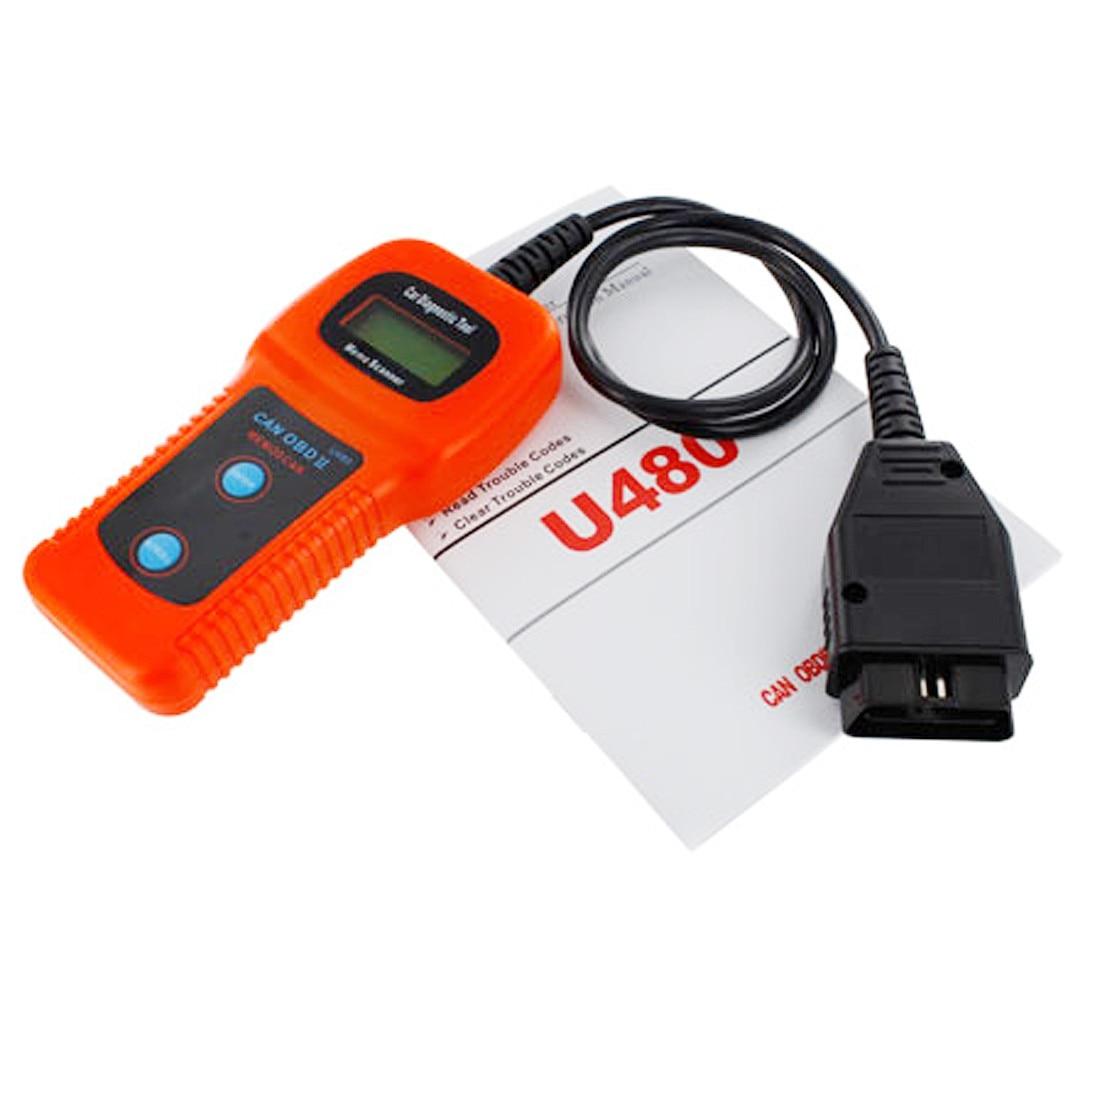 Prix pour Vente chaude nouvelle Voiture De Diagnostic Scanner Tool U480 CAN OBDII OBD2 Moteur Mémo Fault Code Reader